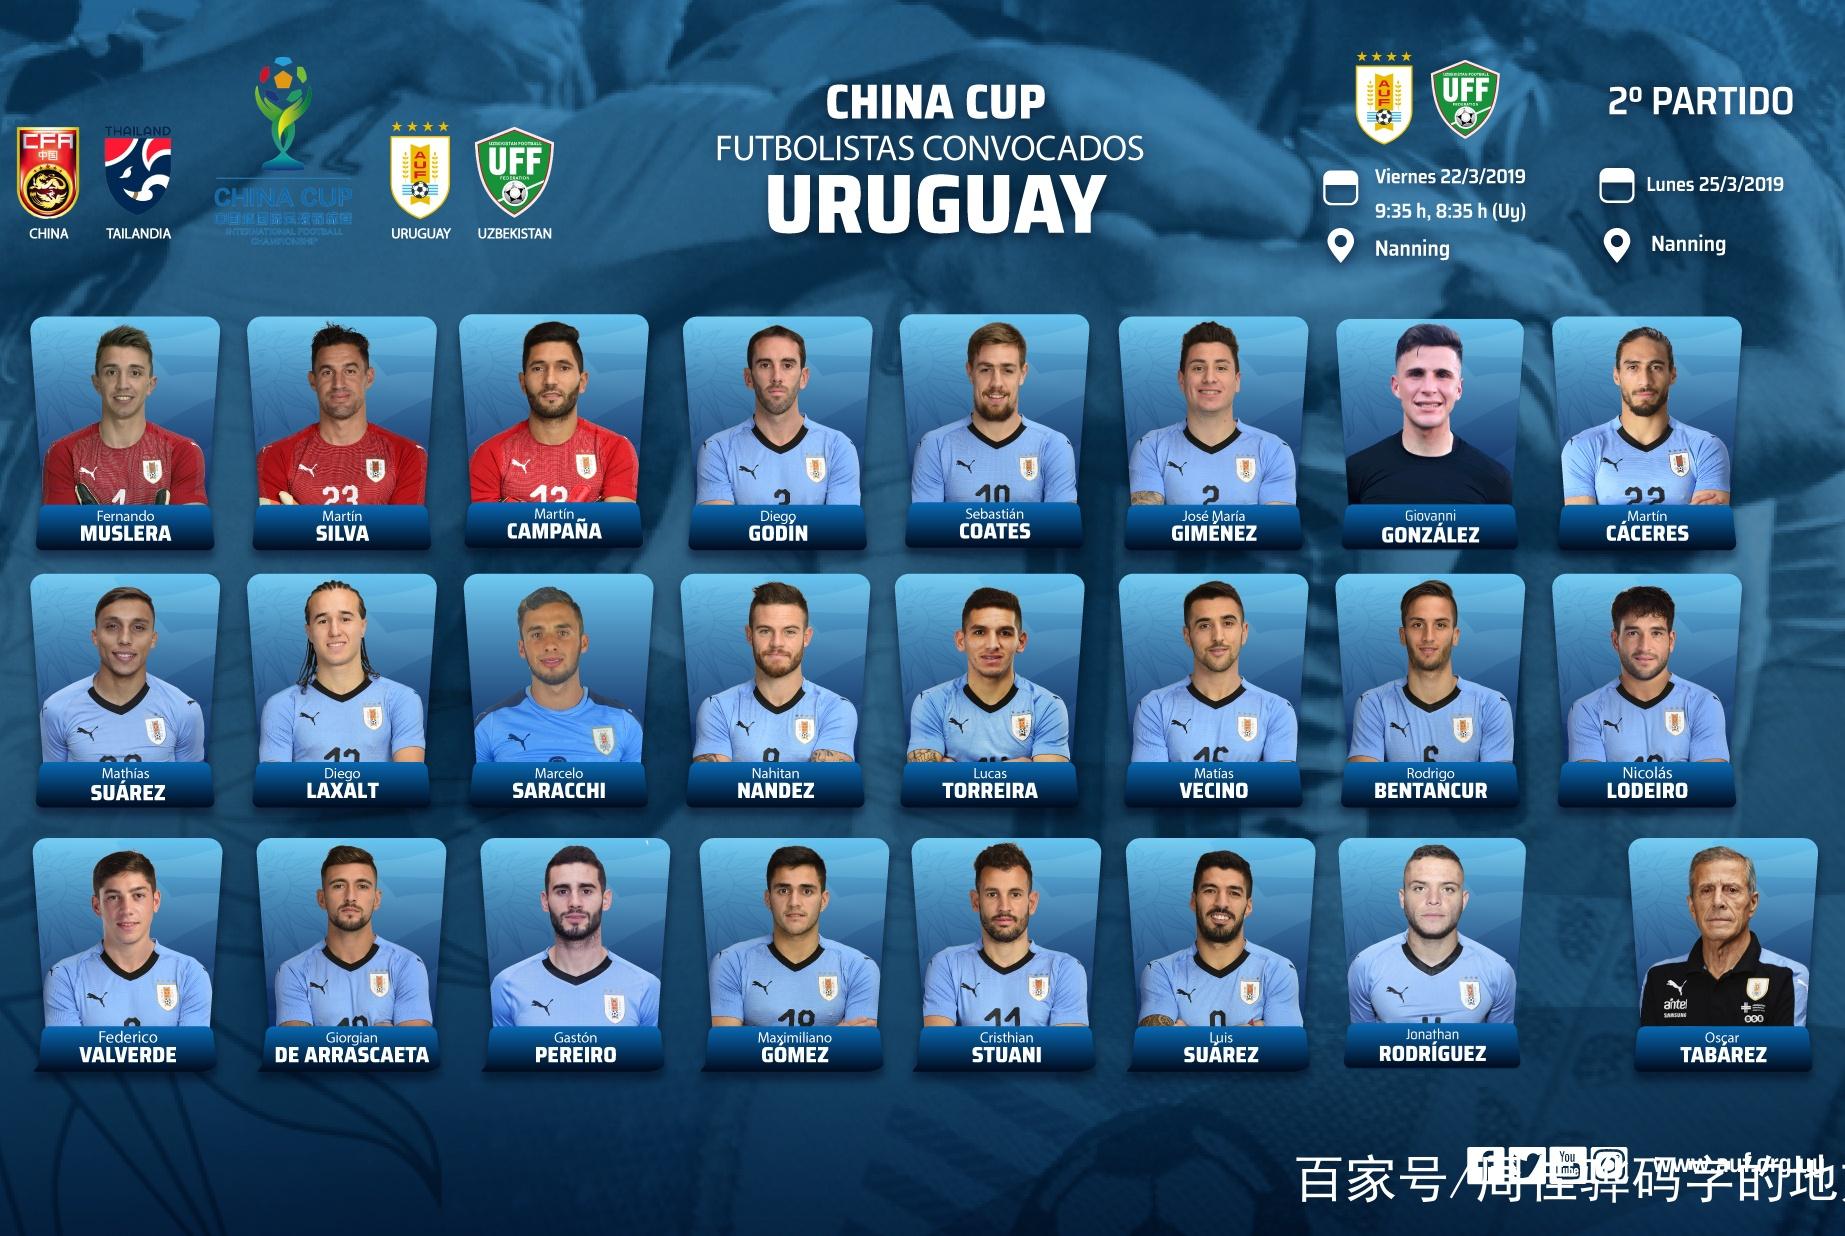 乌拉圭中国杯23人名单:苏亚雷斯领衔 卡瓦尼缺席 最大惊喜是他?